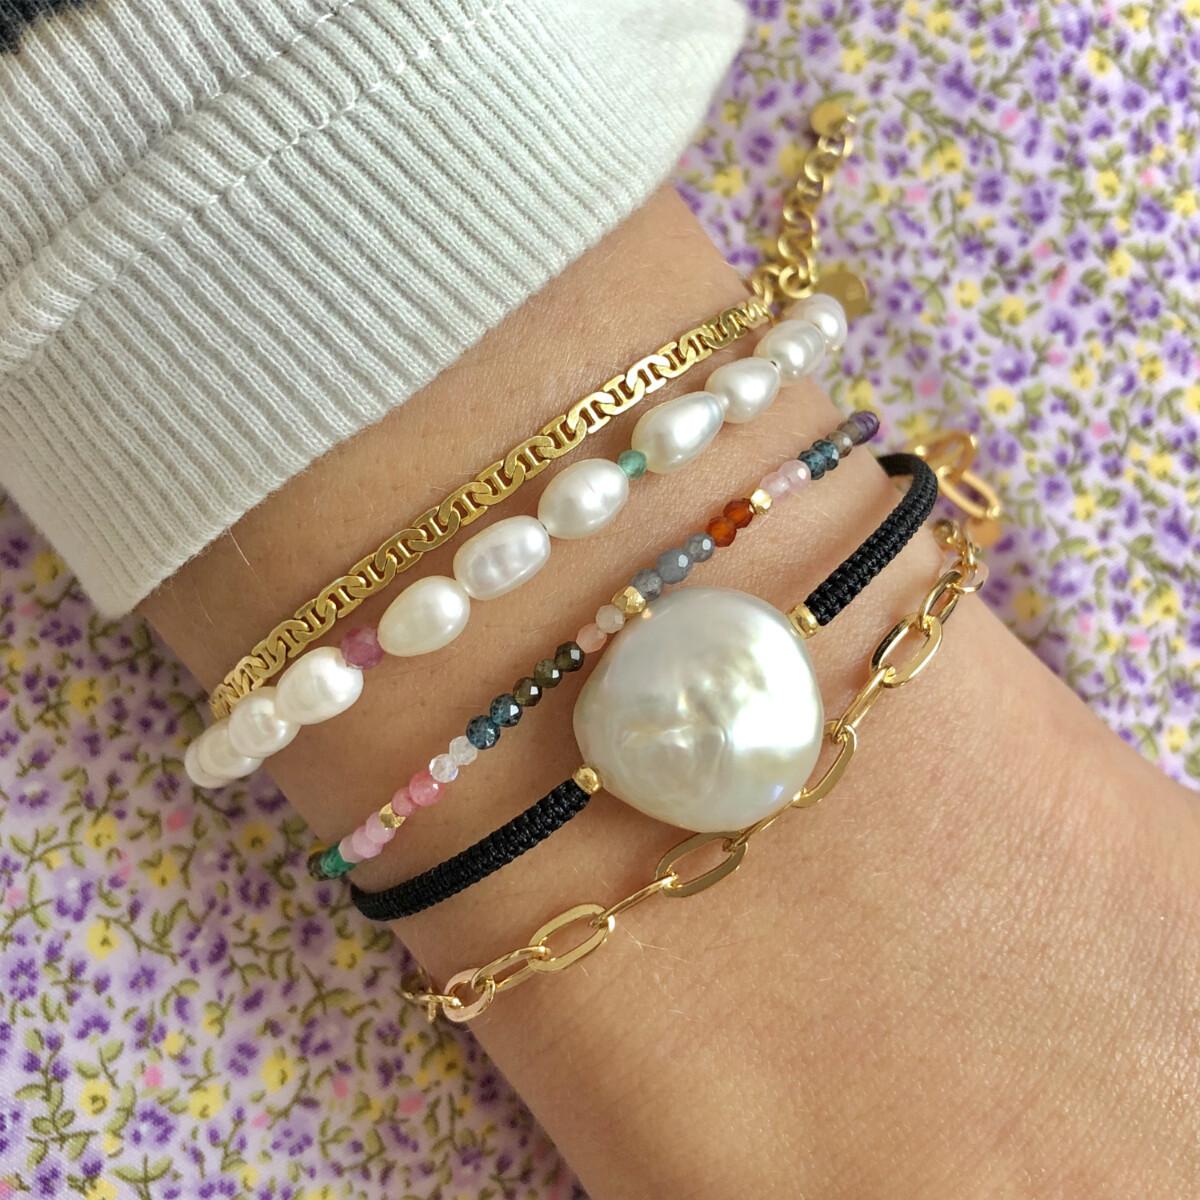 Stine A - Armbånd Big White Pearl